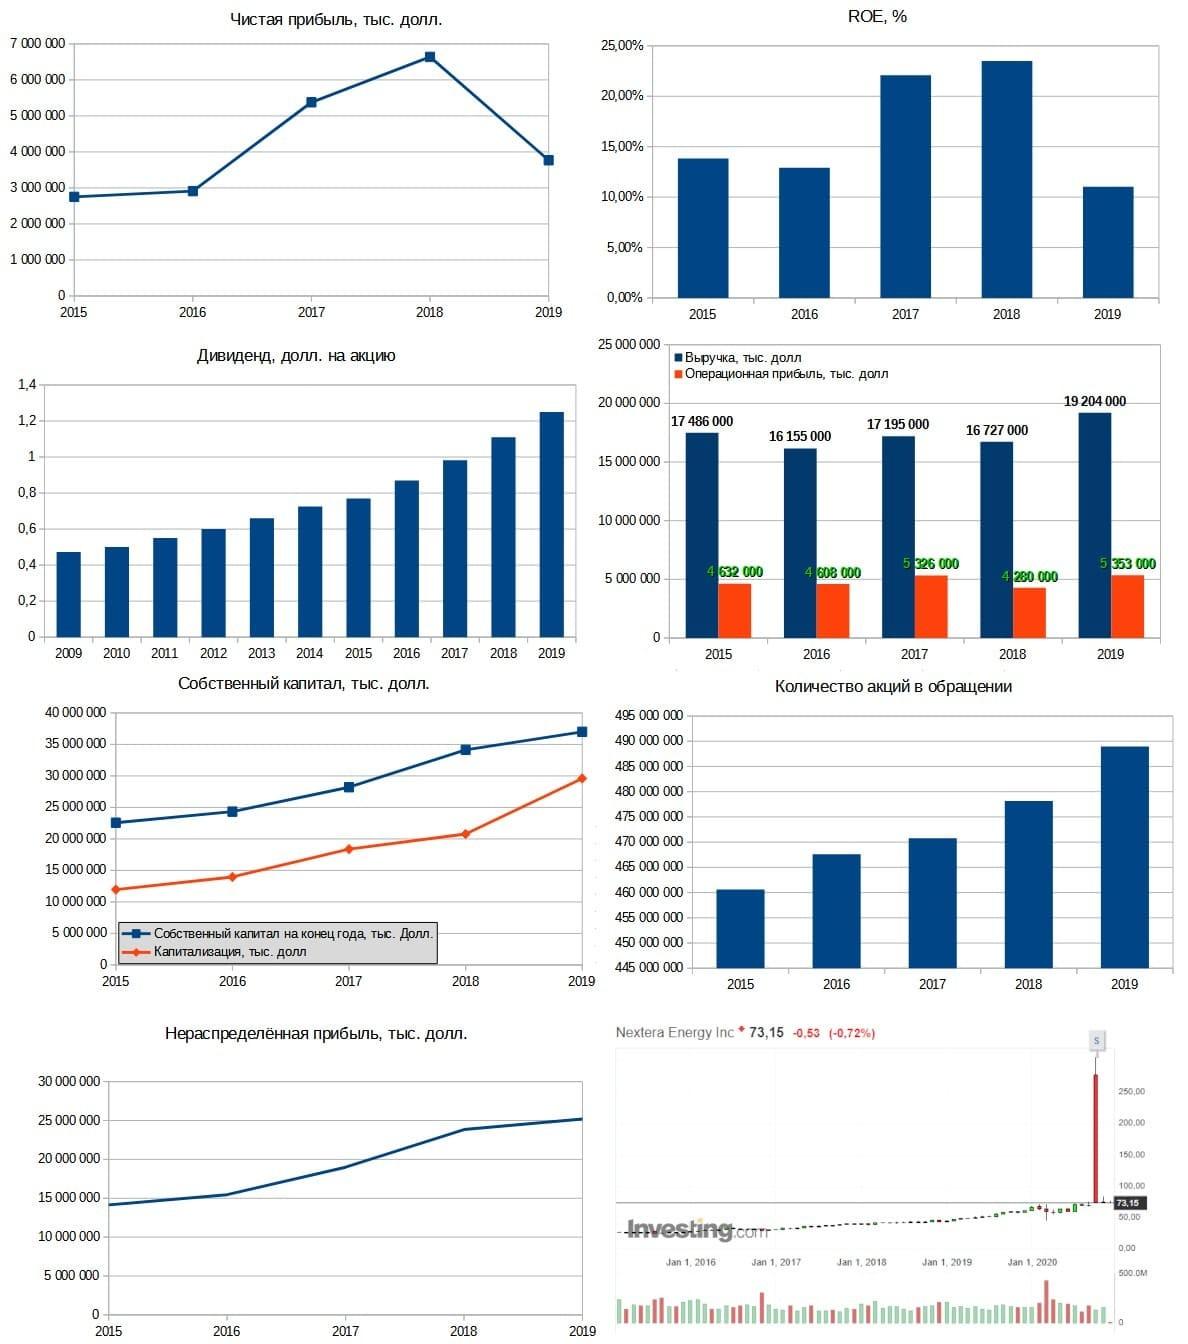 Рис. 3. Диаграммы составлены по данным EDGAR. График акций — investing.com